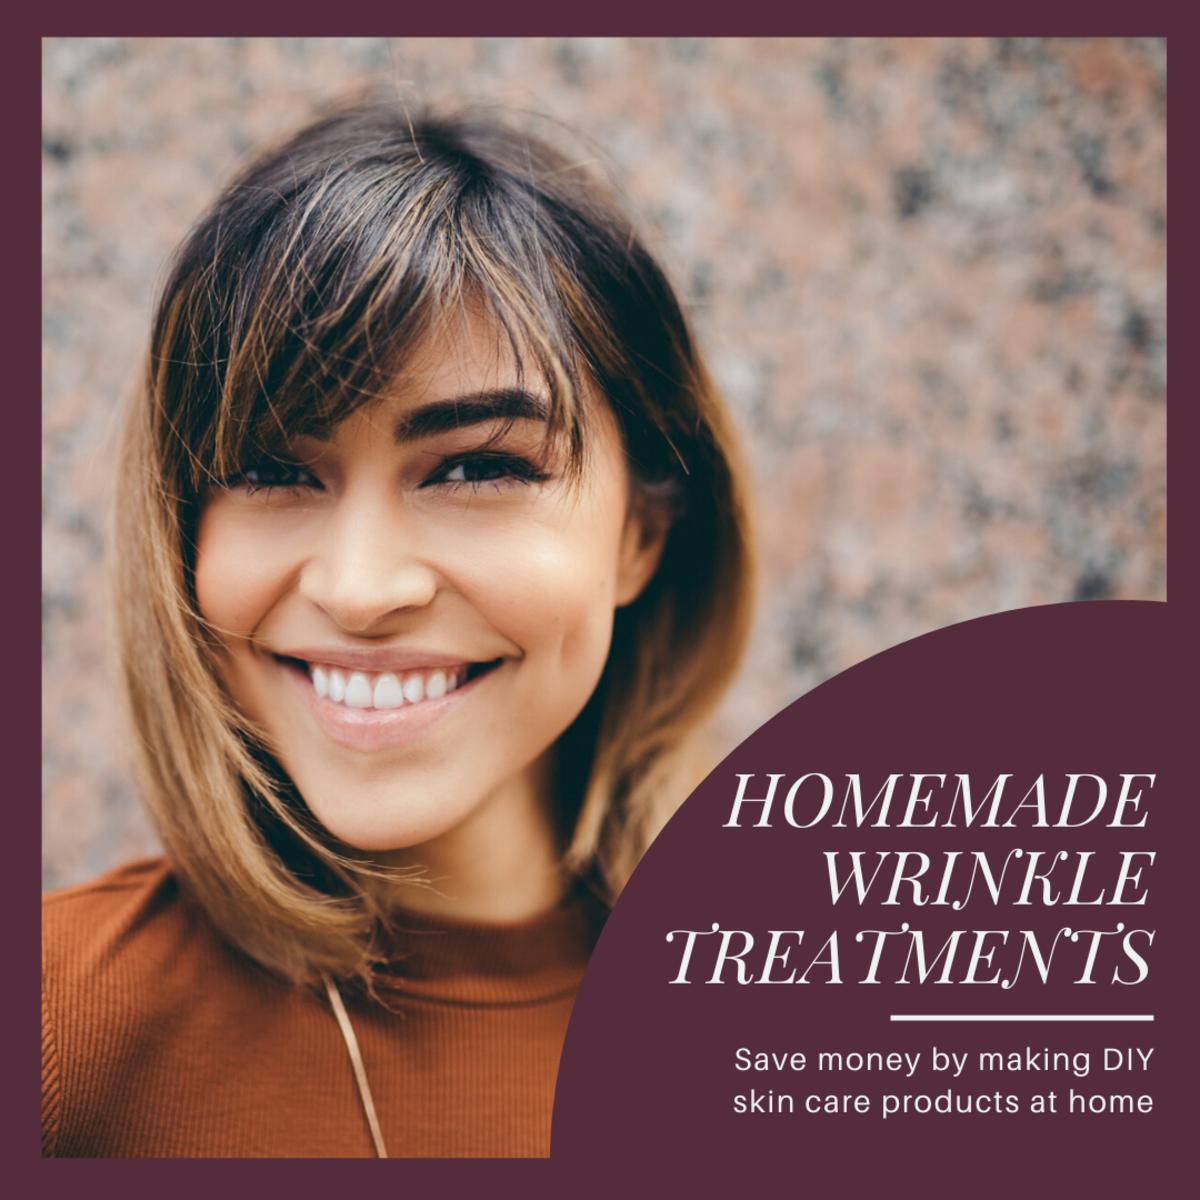 Homemade Wrinkle Treatments